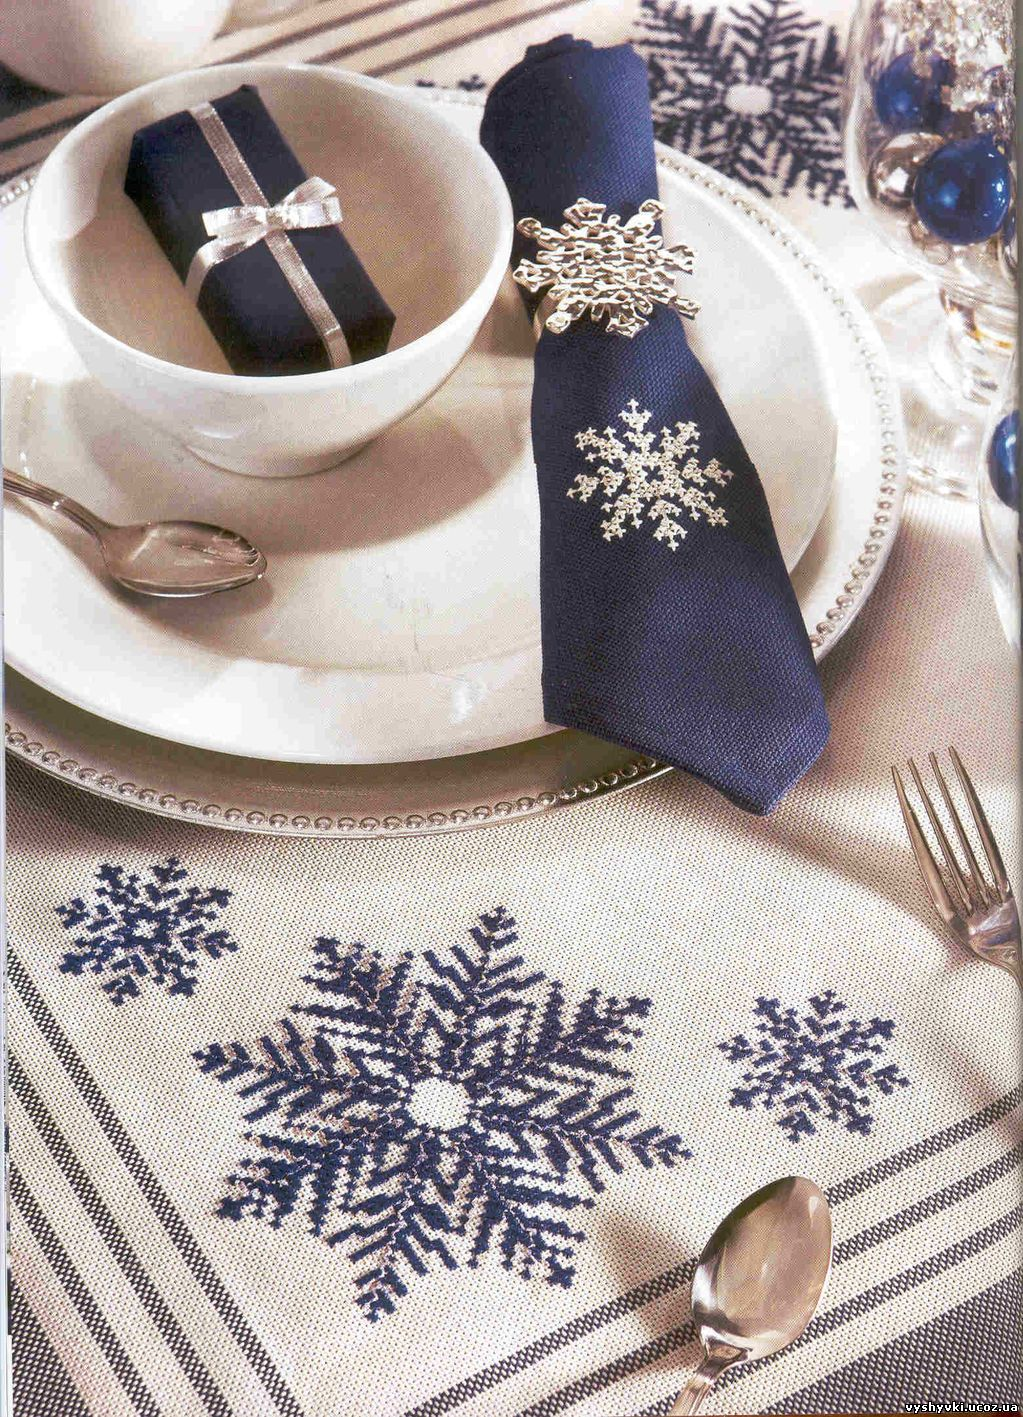 Схемы вышивки крестом новогодней салфетки